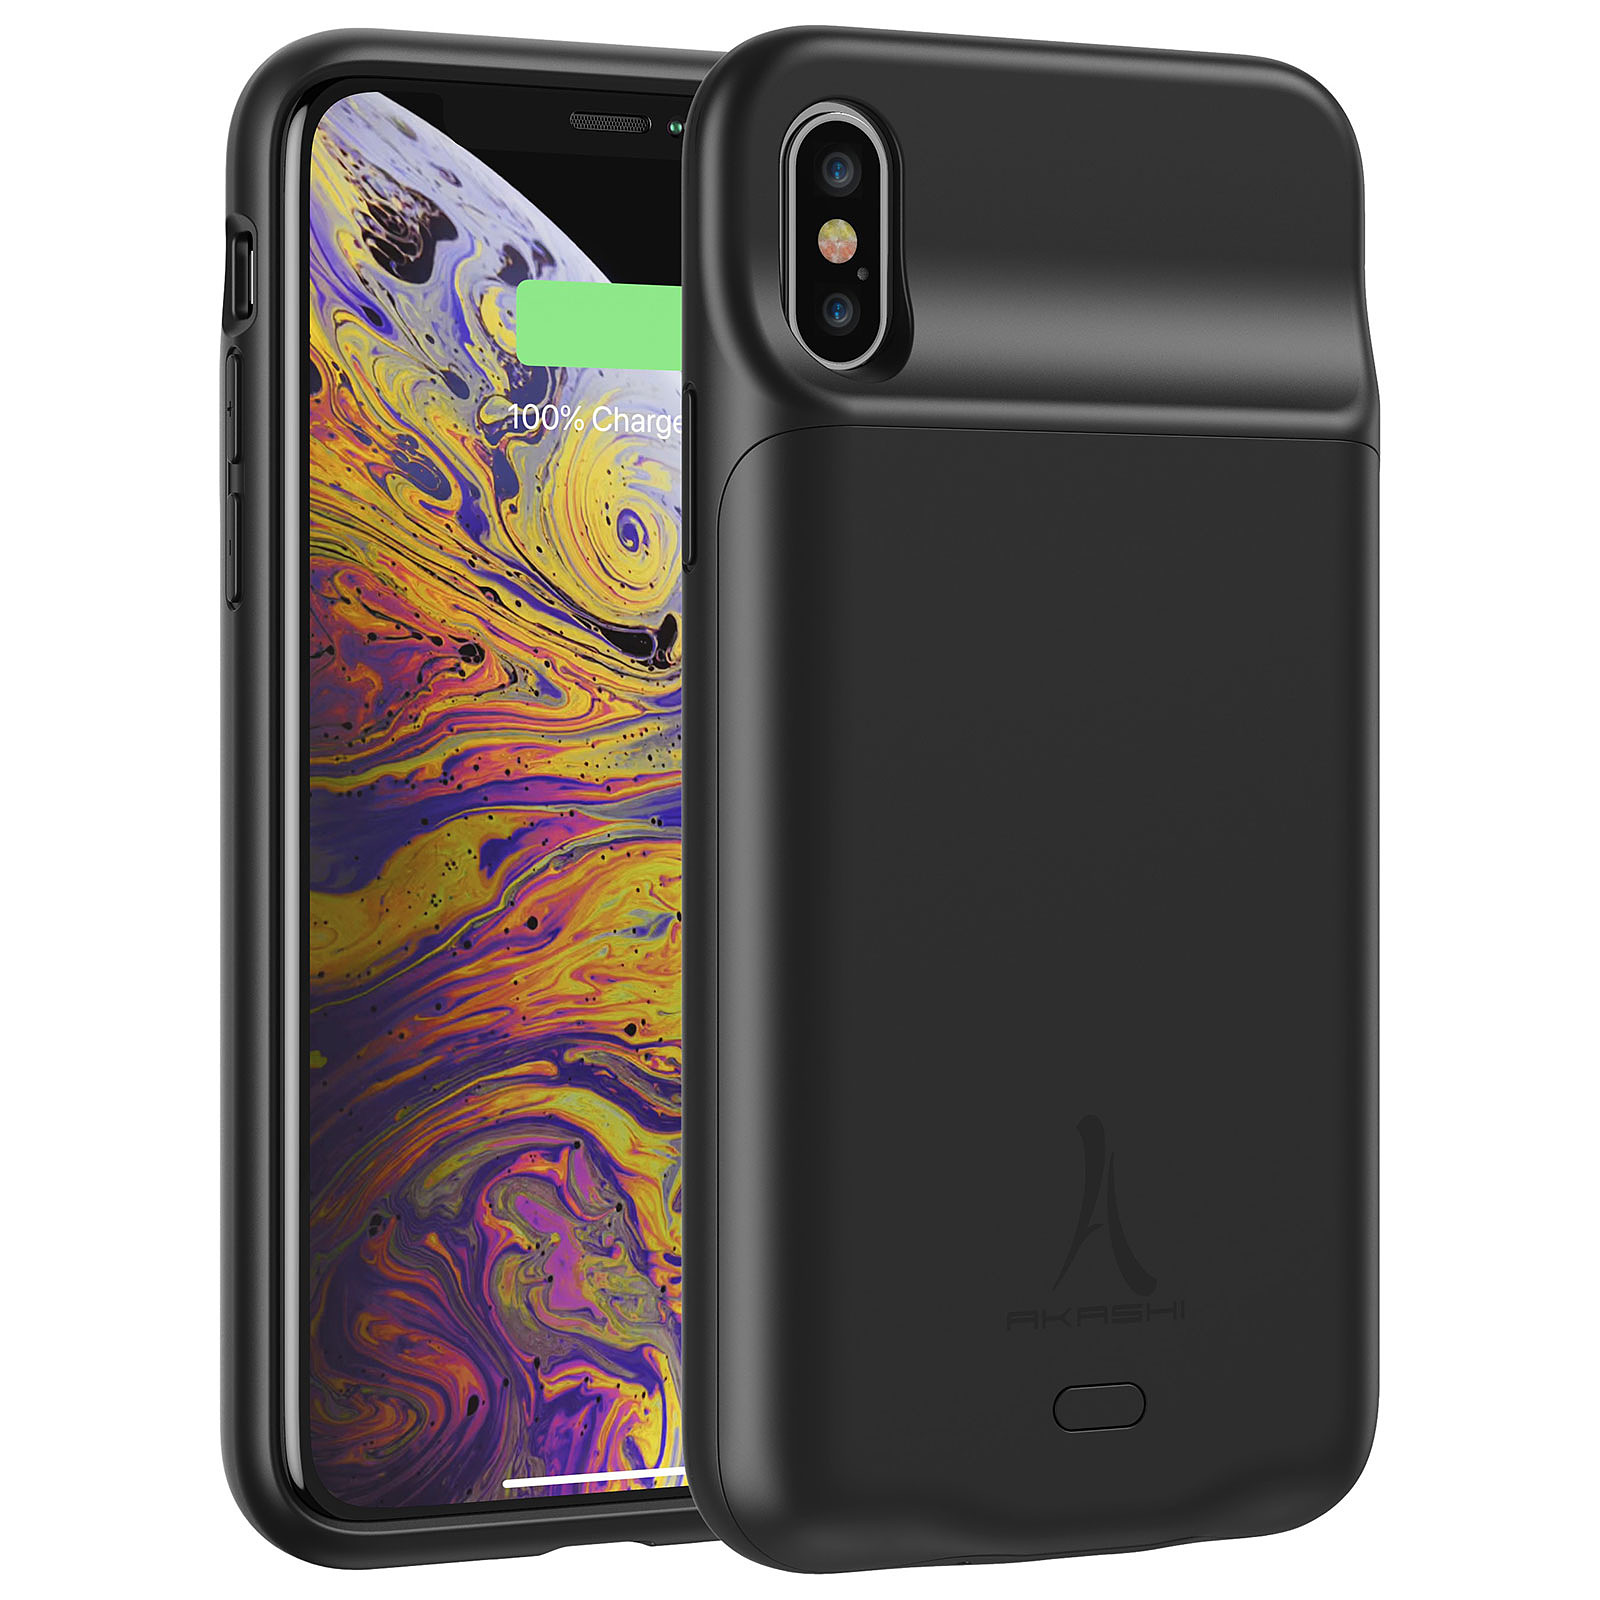 Akashi Coque Batterie Sans Fil Noire iPhone X/Xs